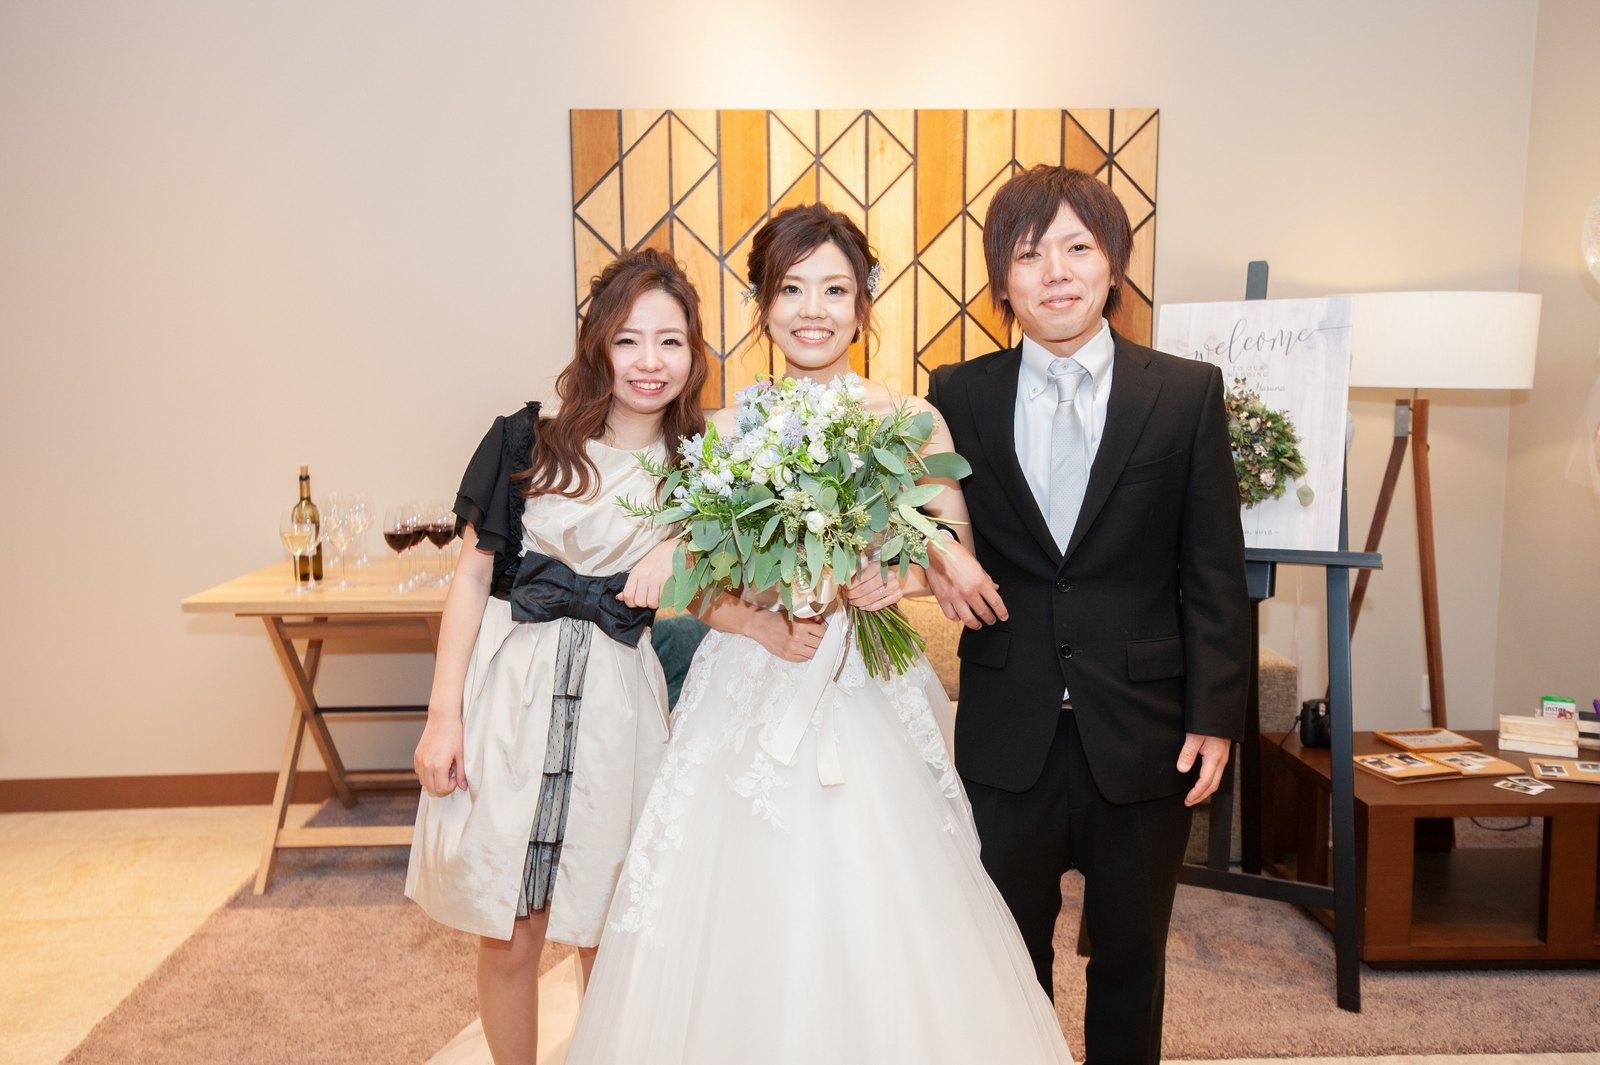 香川県高松市の結婚式場アナザースタイルでゲストと記念撮影